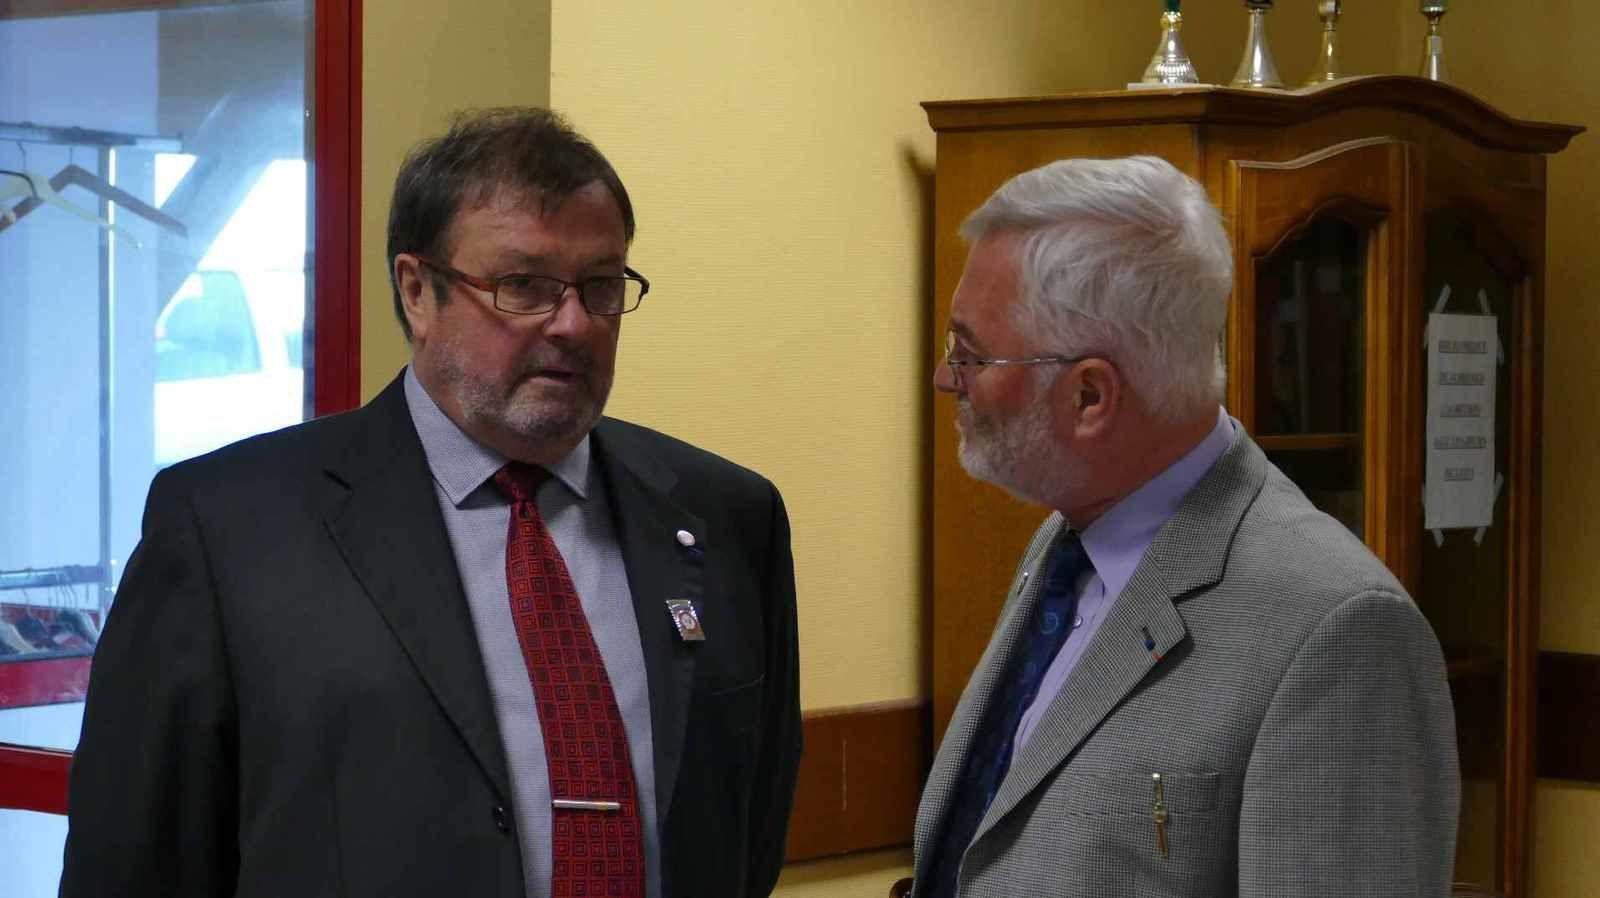 Le Président Joël SEVENO et le Délégué Général Jacques JOLY